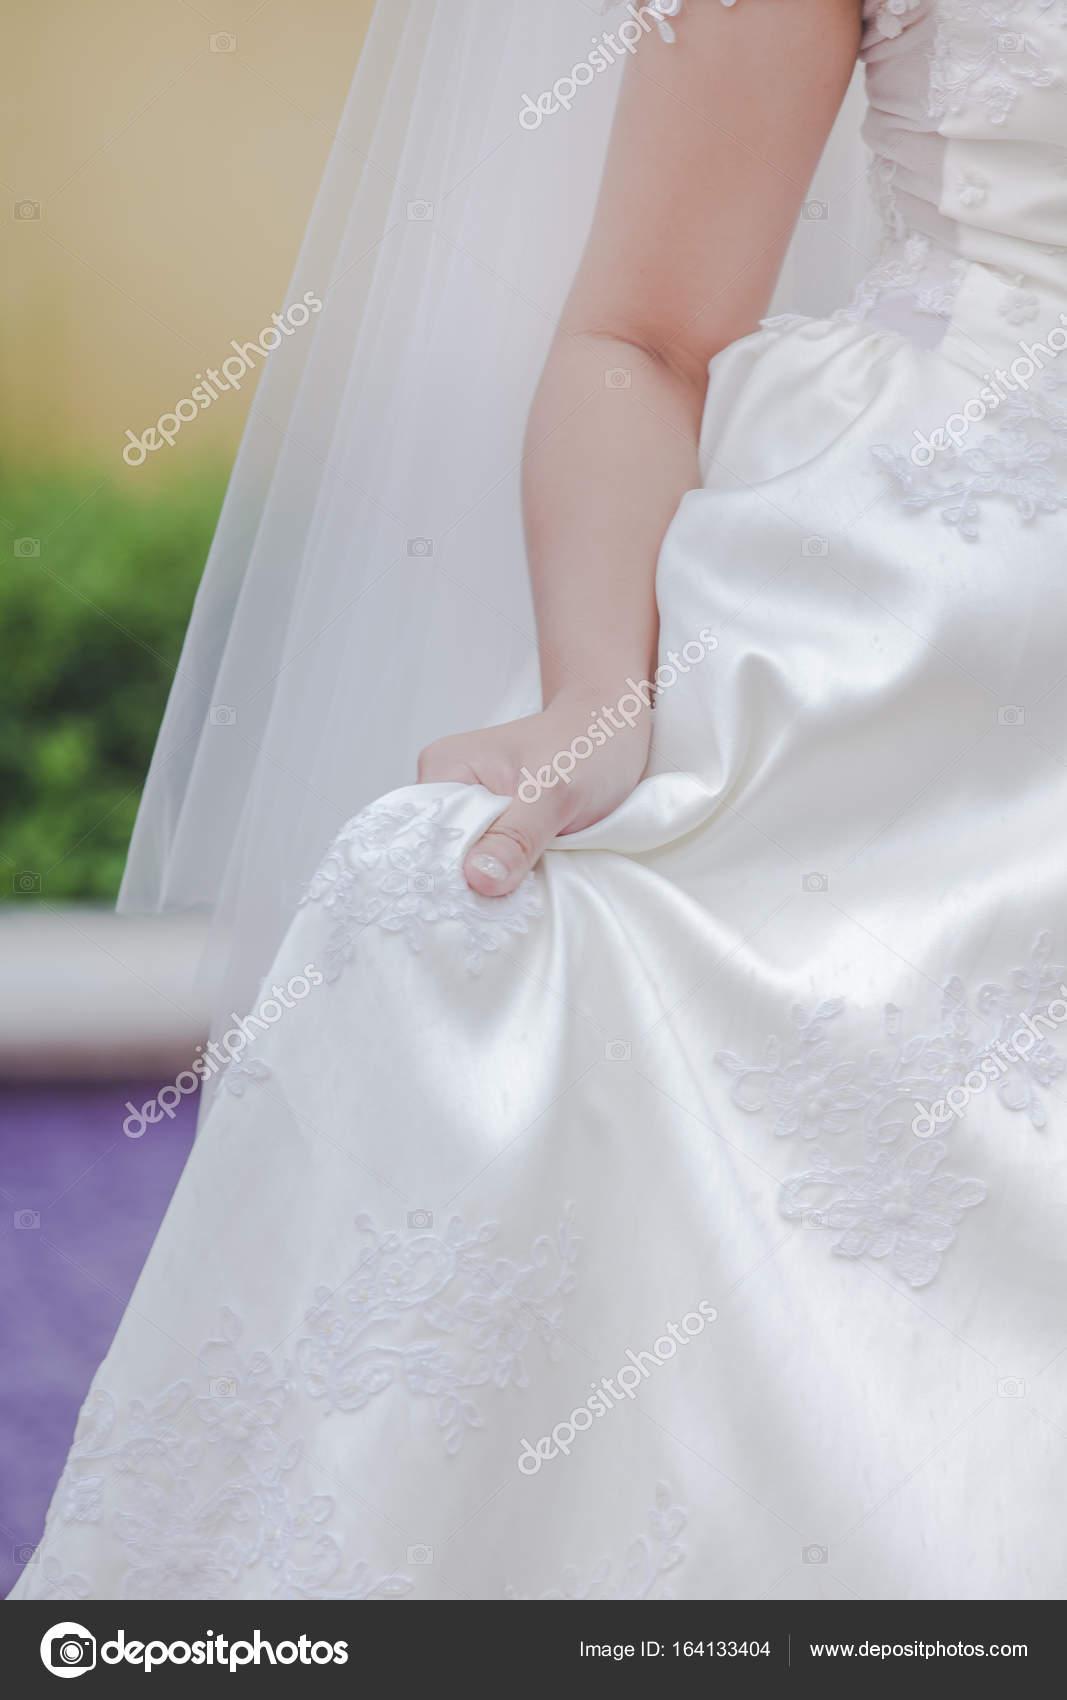 bf7c539411 Haftowane kwiaty Piękna suknia ślubna — Zdjęcie stockowe © kaewphoto ...